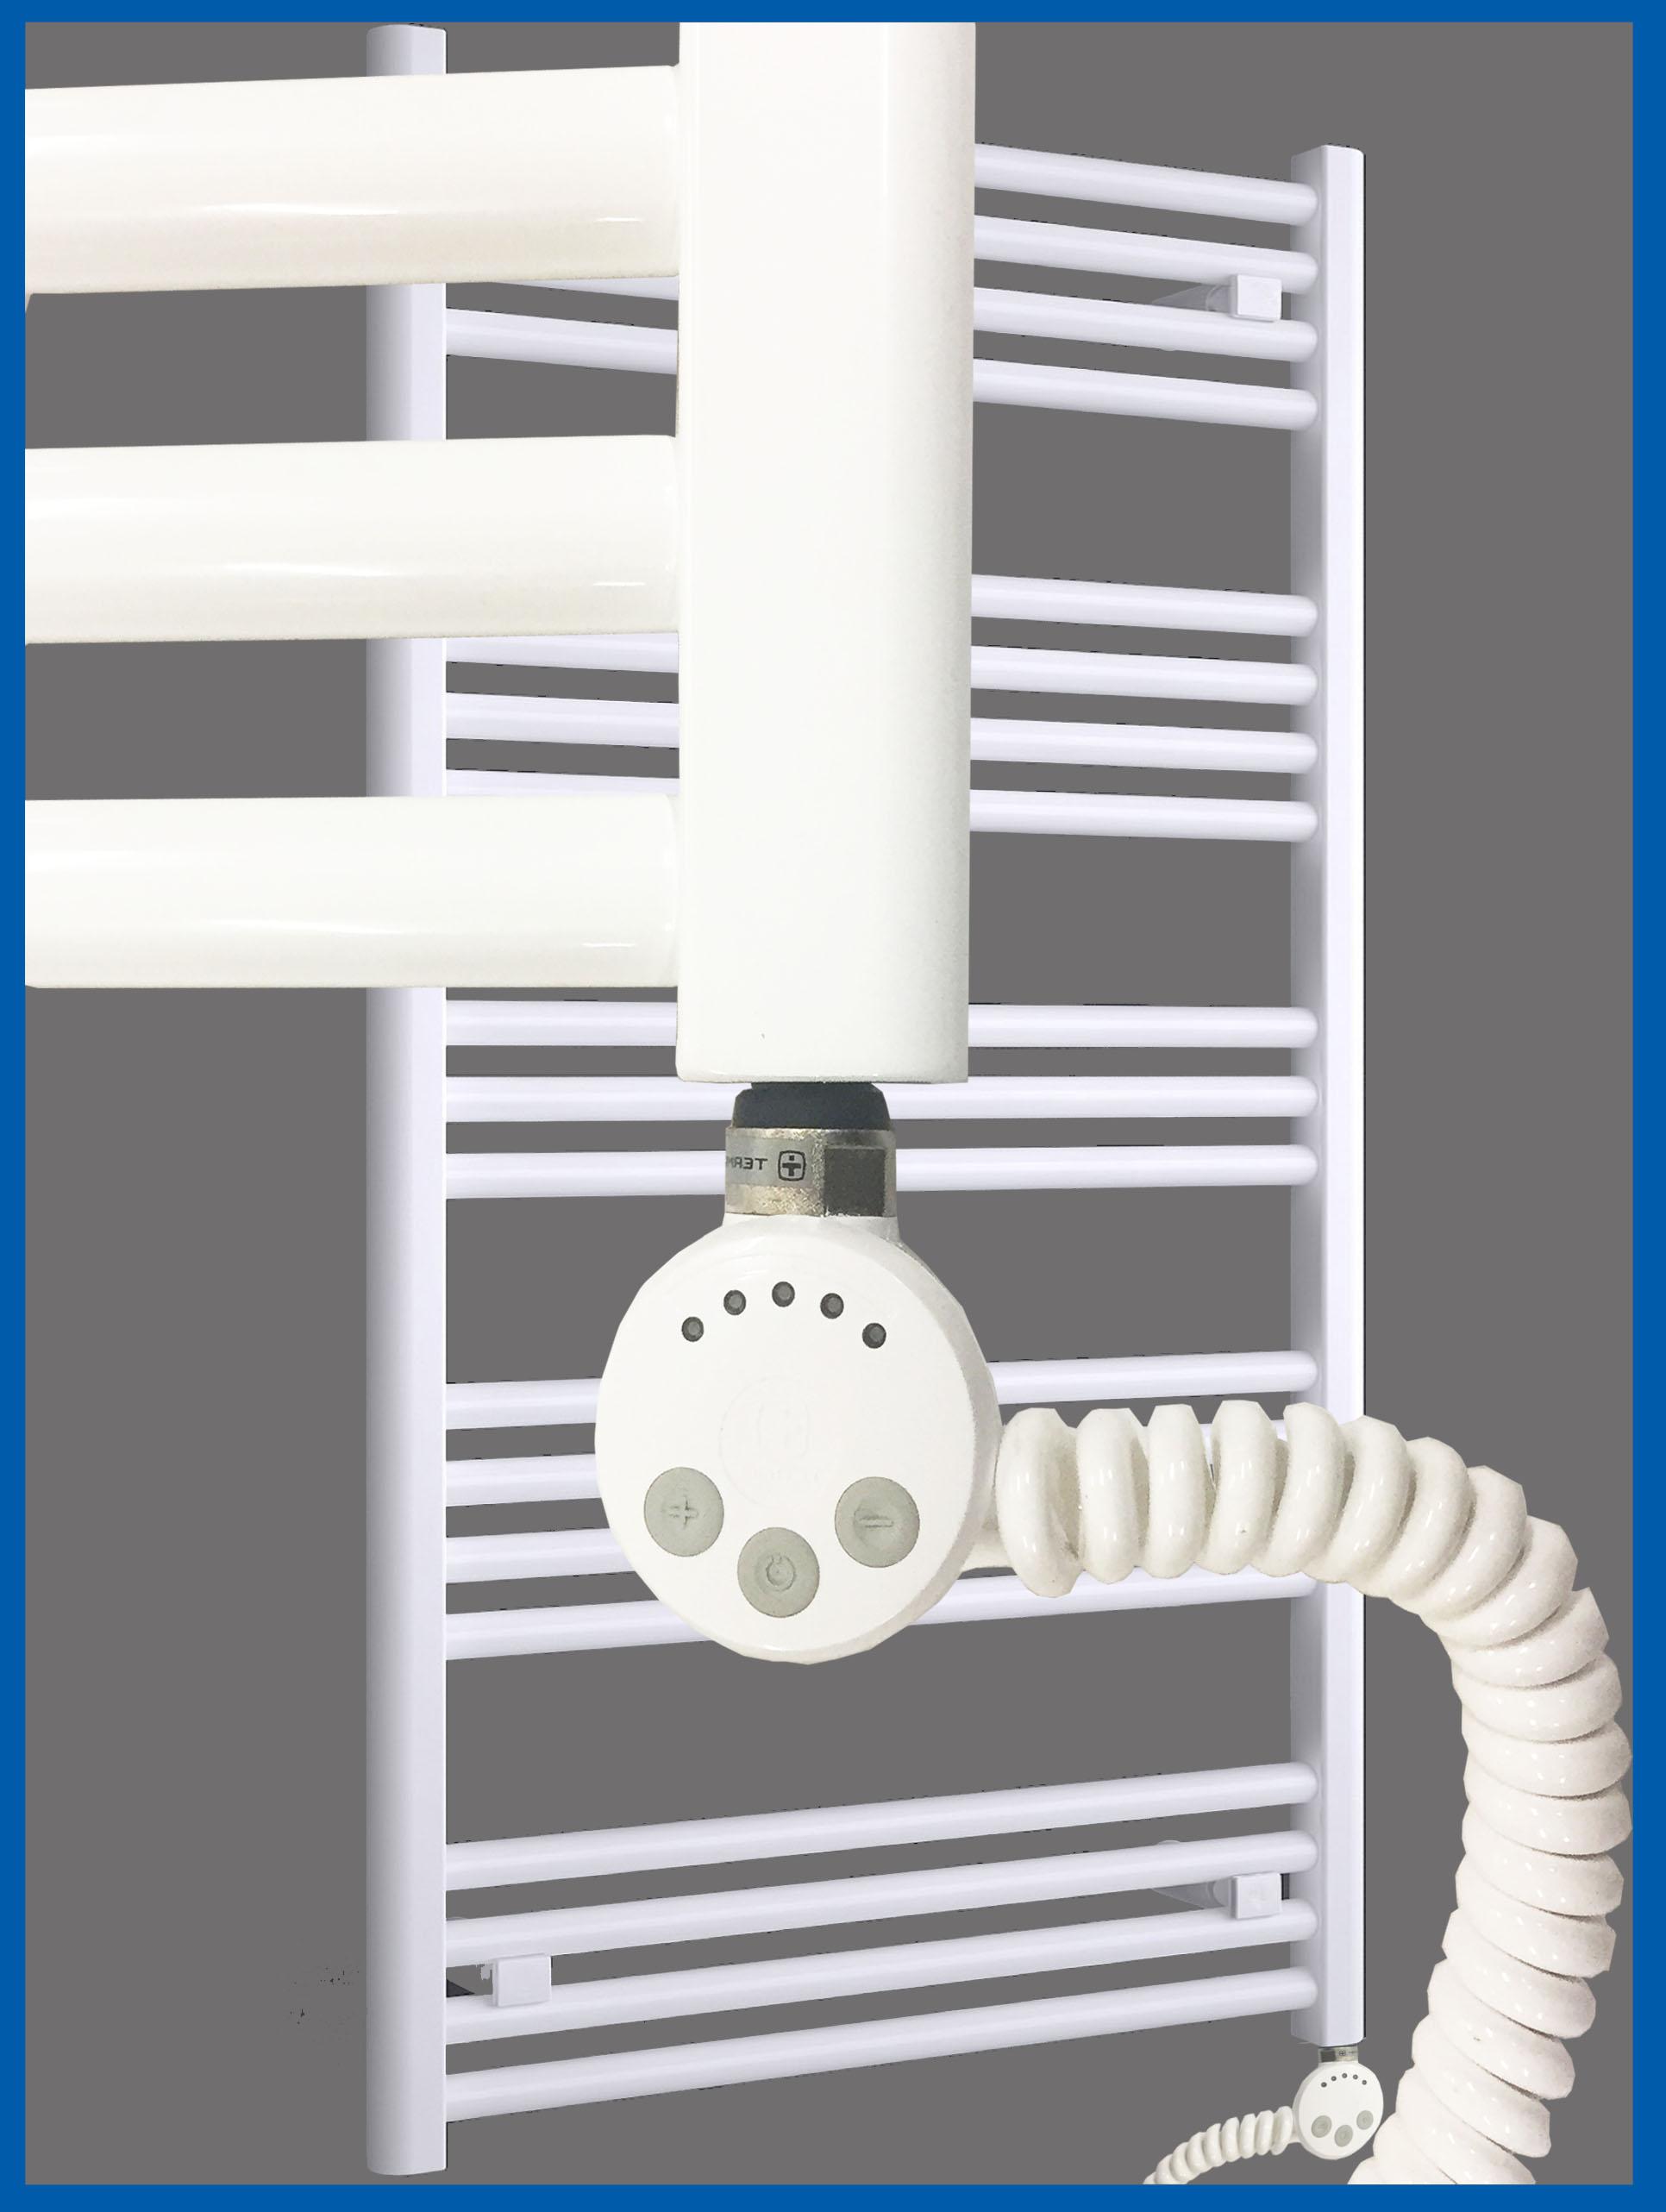 Elektro Badheizkörper MORA 1207 x 600 mm. Weiß rein elektrisch  Handtuchwärmer